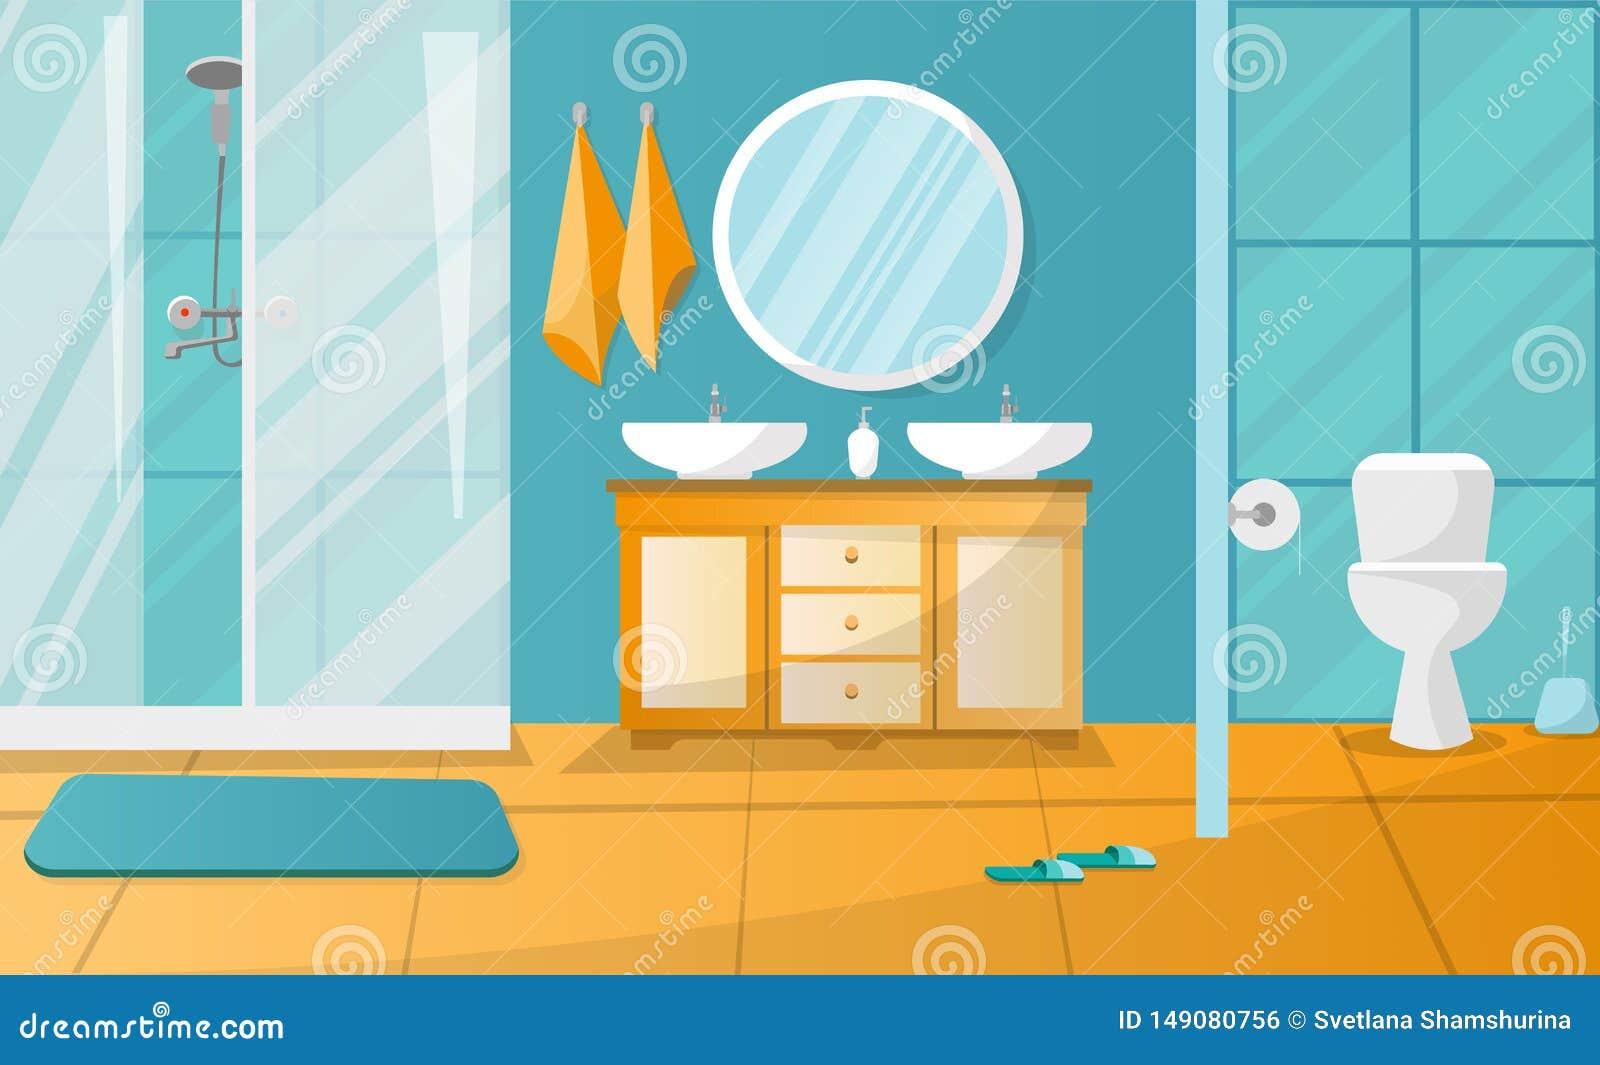 Σύγχρονο εσωτερικό λουτρών με την καμπίνα ντους Έπιπλα λουτρών - η στάση με δύο νεροχύτες, πετσέτες, υγρό σαπούνι, roundl αντανακ